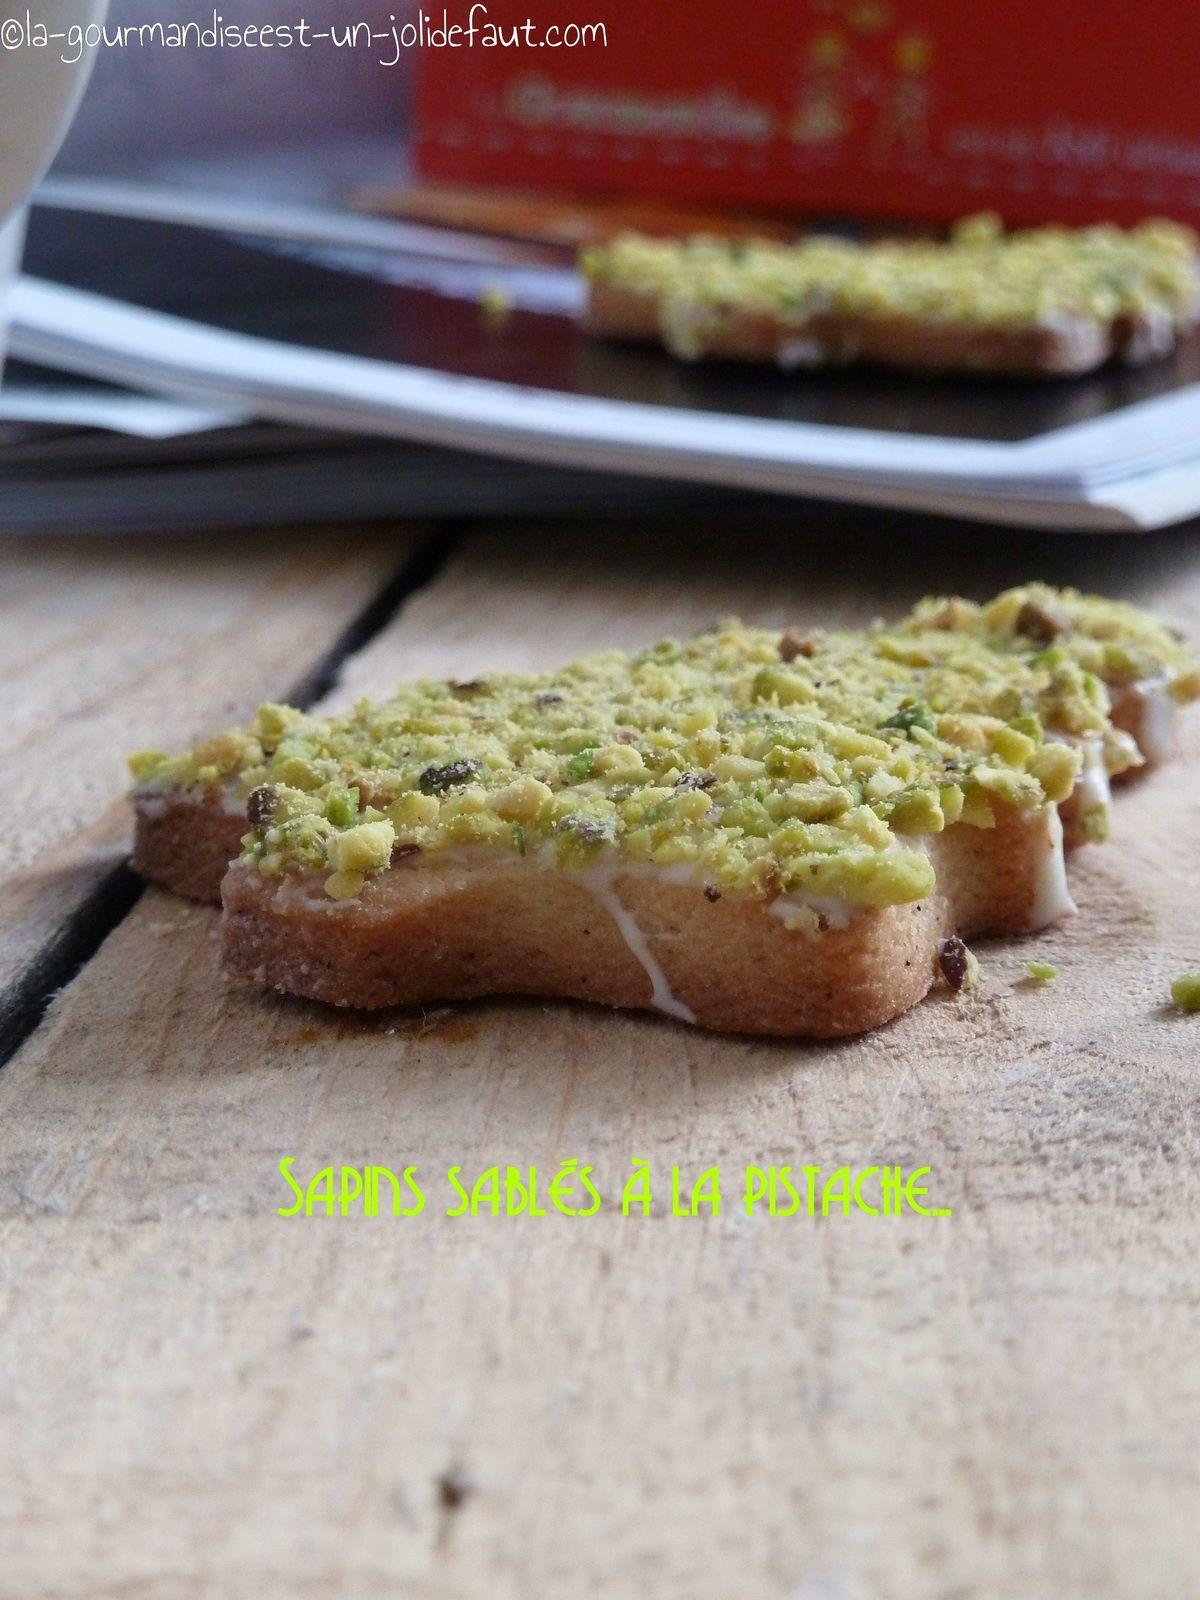 Sapins sablés à la pistache, vanille et chocolat blanc